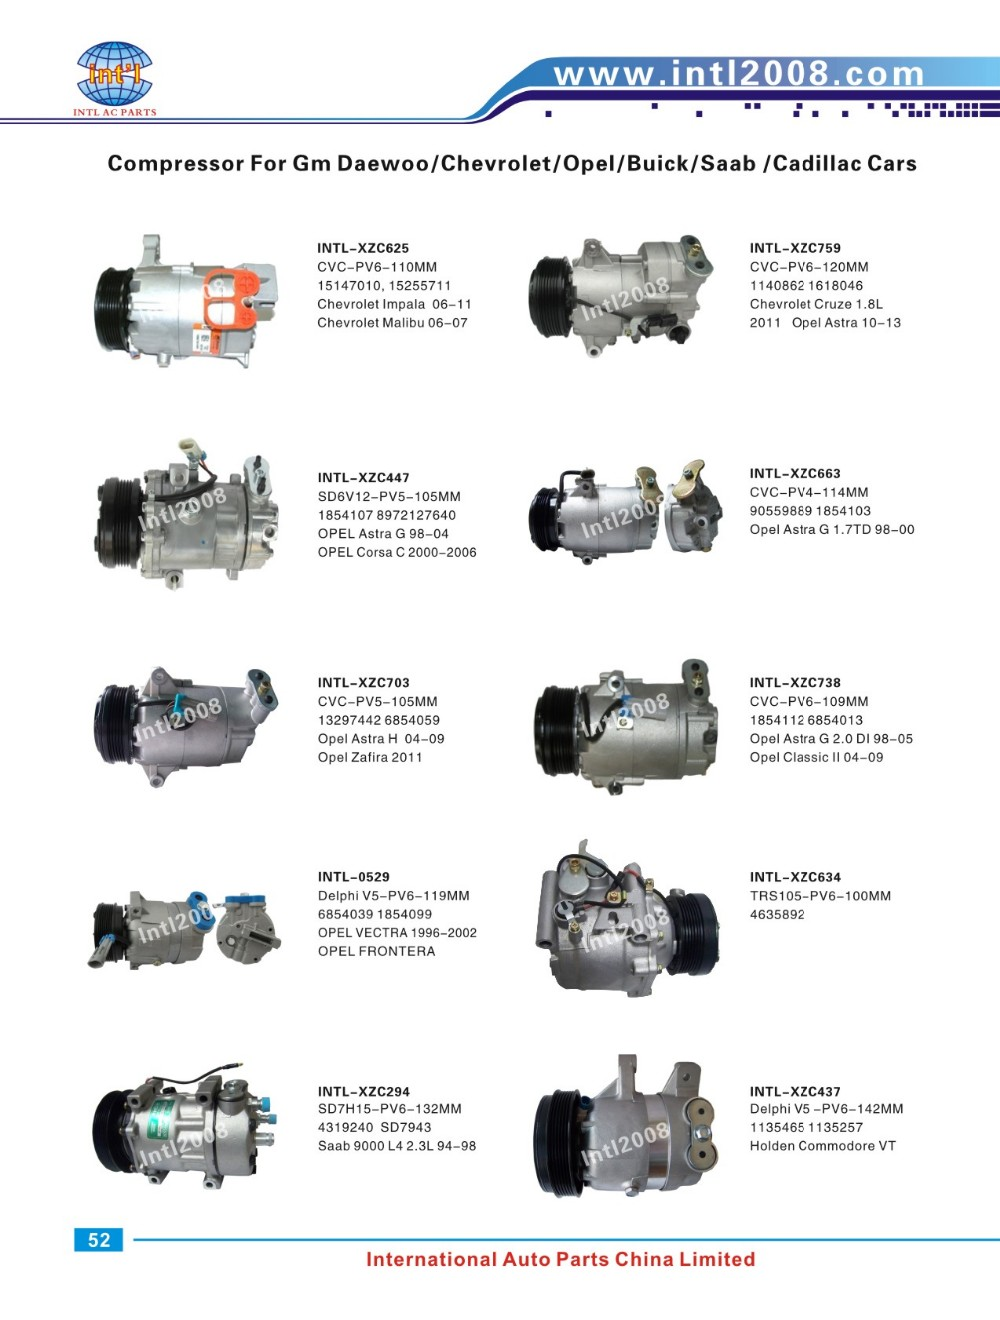 Compressor bomba para a GM S10 2.8/Grand Blazer 2.4